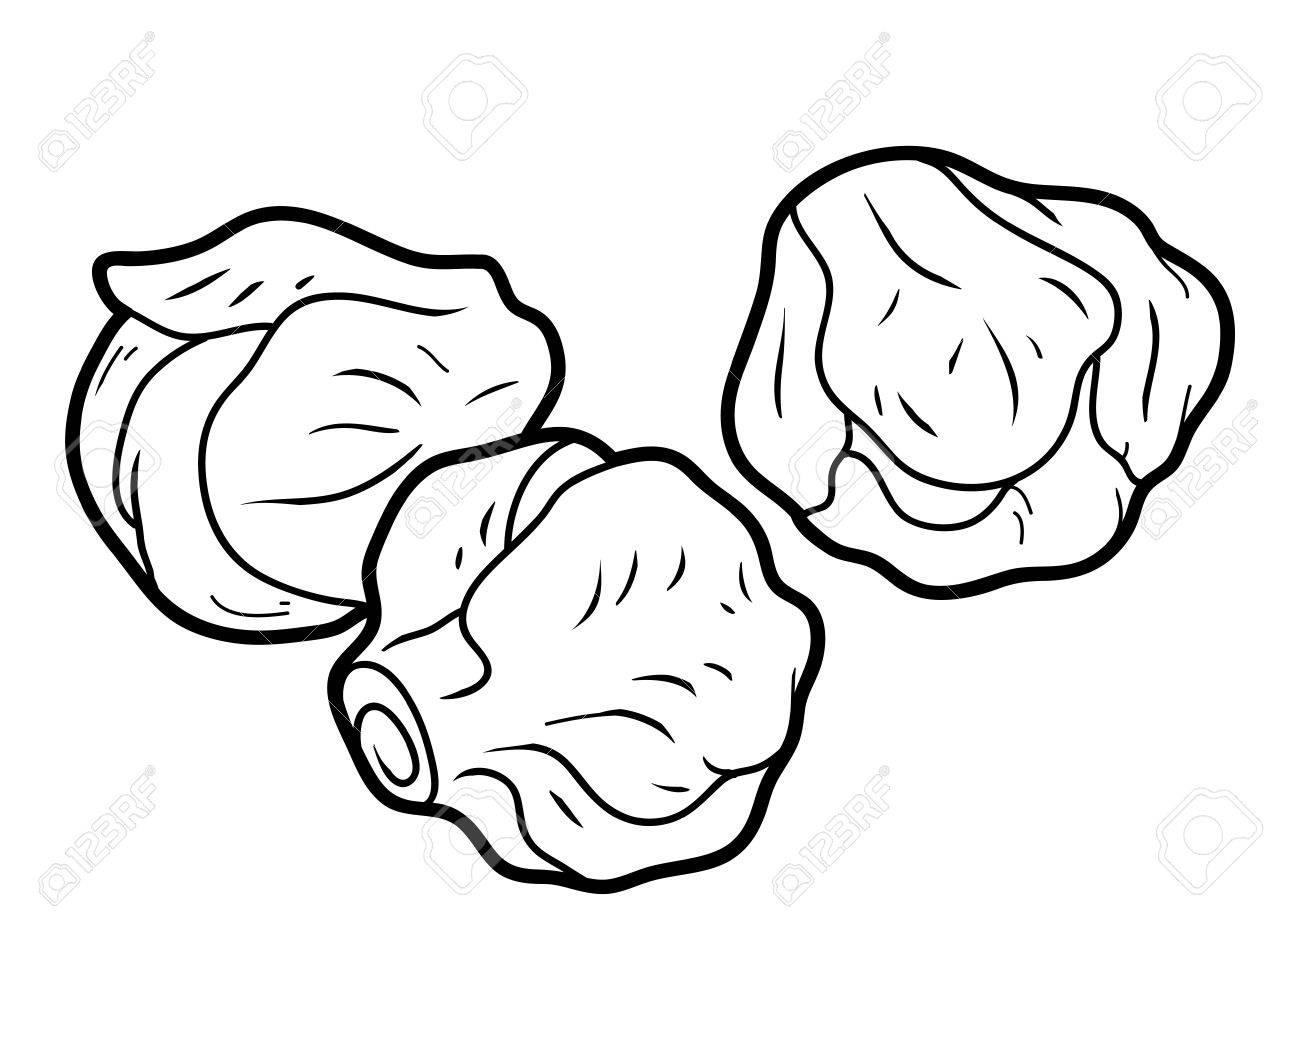 子供用の野菜芽キャベツの塗り絵のイラスト素材ベクタ Image 67149883